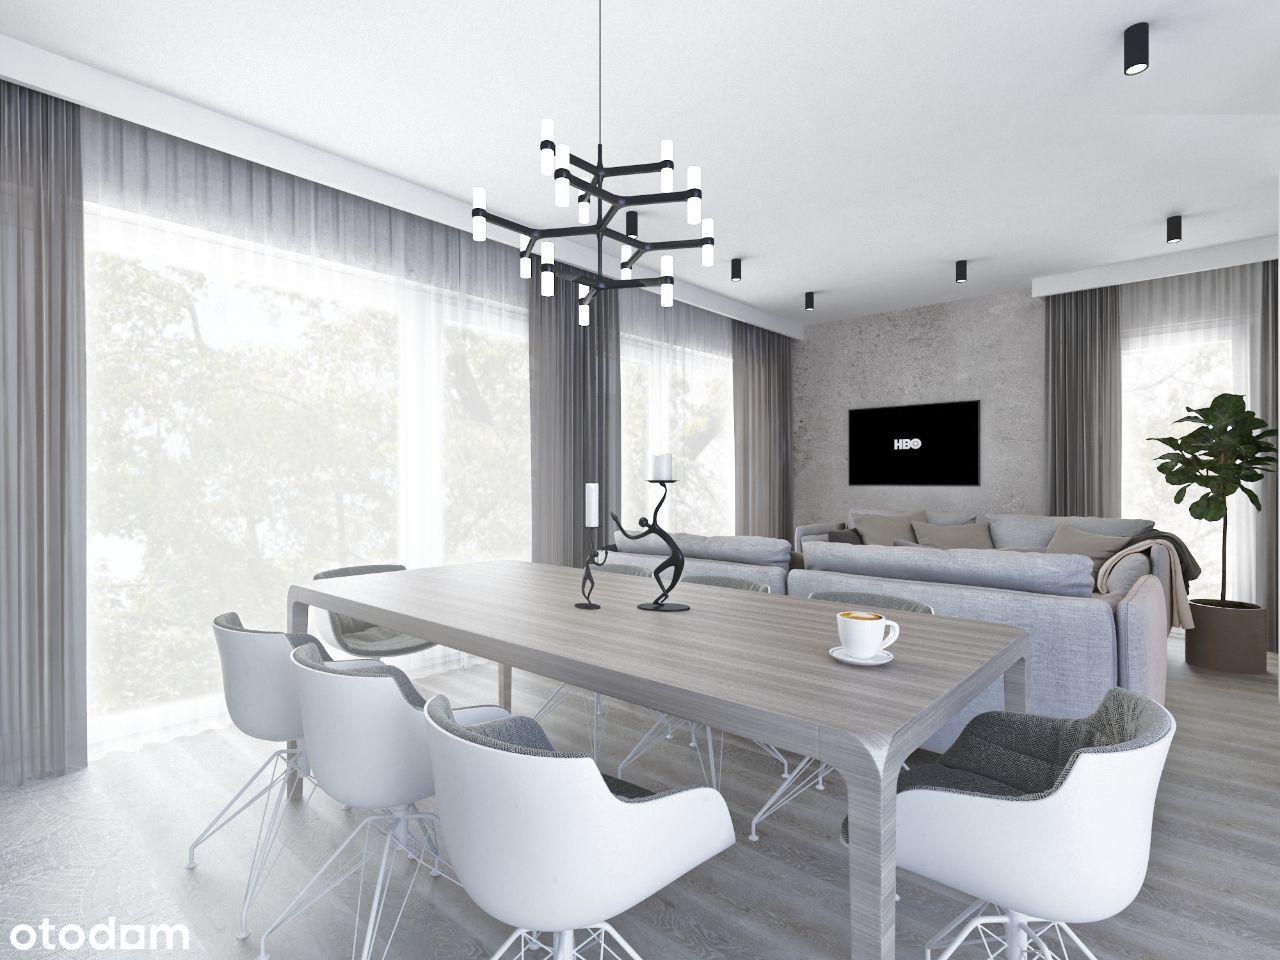 Apartament 2-pokojowy 53,53 m2 z dużym tarasem